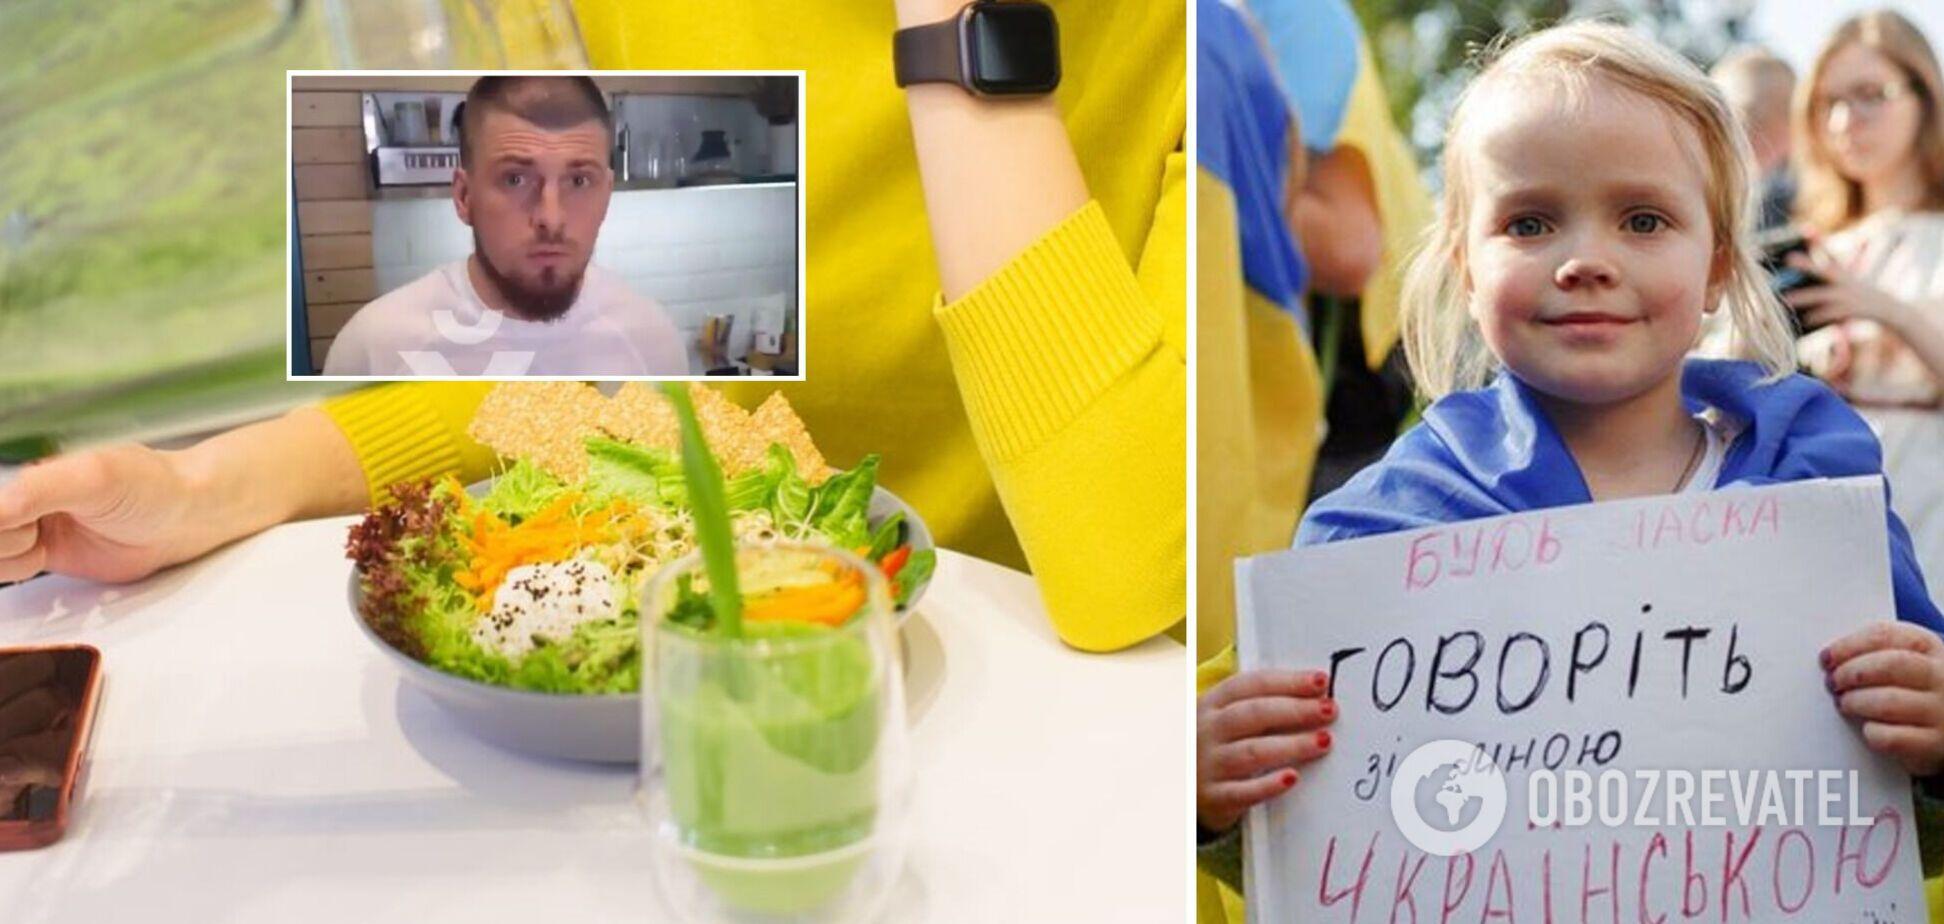 Телевизор не смотрю, закон не знаю: основатель кафе в Харькове объяснил отказ обслуживать на украинском языке